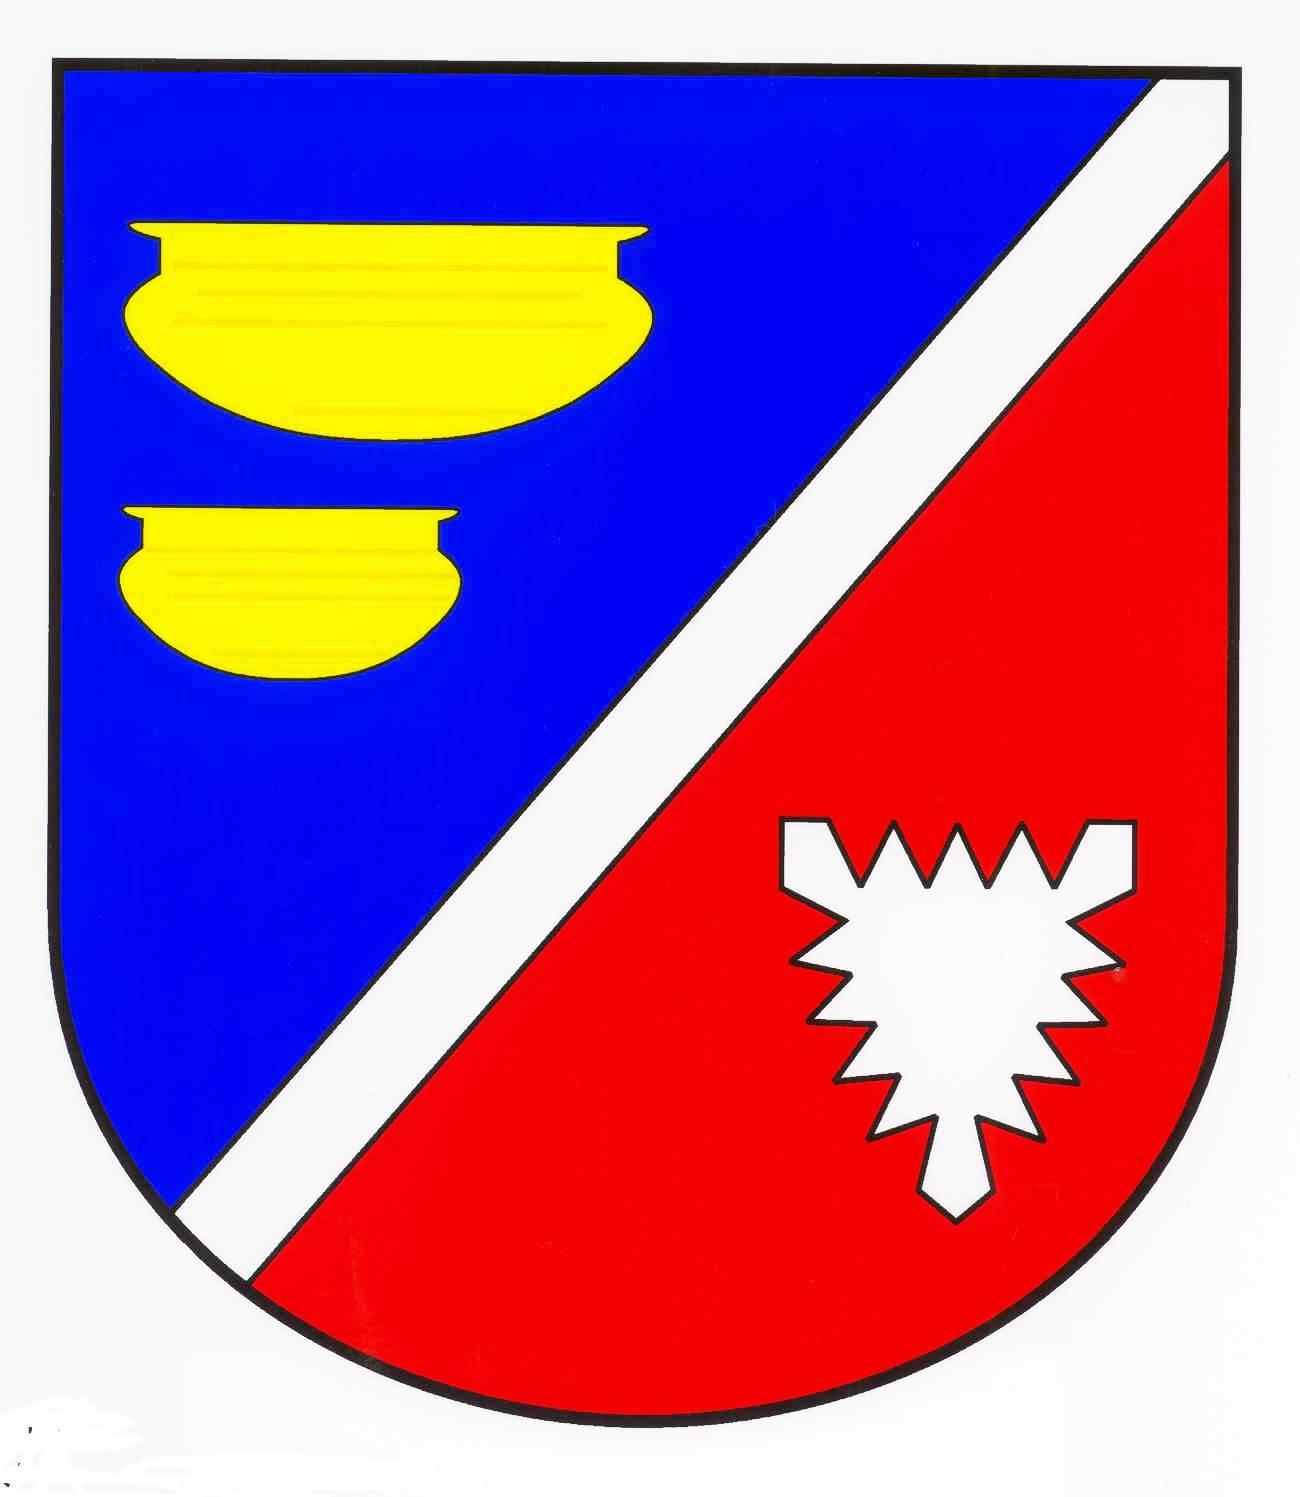 Wappen GemeindeStolpe, Kreis Plön